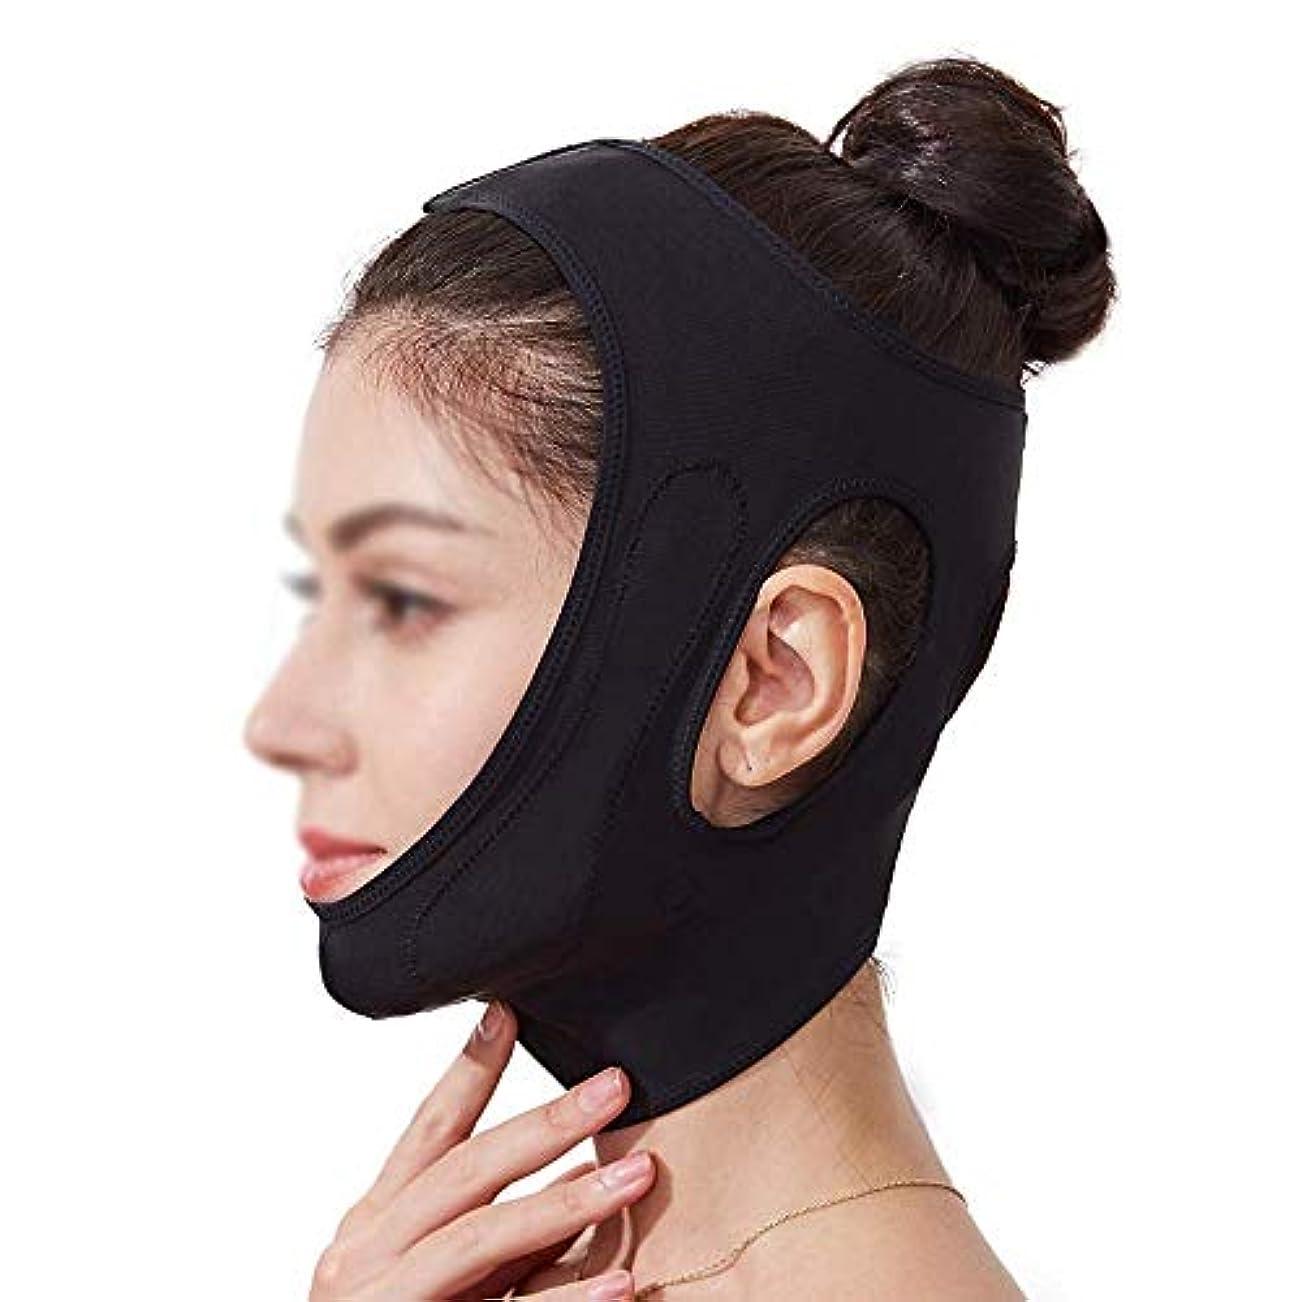 礼儀バランス定期的フェイスリフトテープとバンド、Vフェイスベルトフェイスリフト包帯、顎を持ち上げる、フェイシャルリフト、あごストラップ、通気性包帯、フリーサイズ(カラー:イエローピンク),ブラック